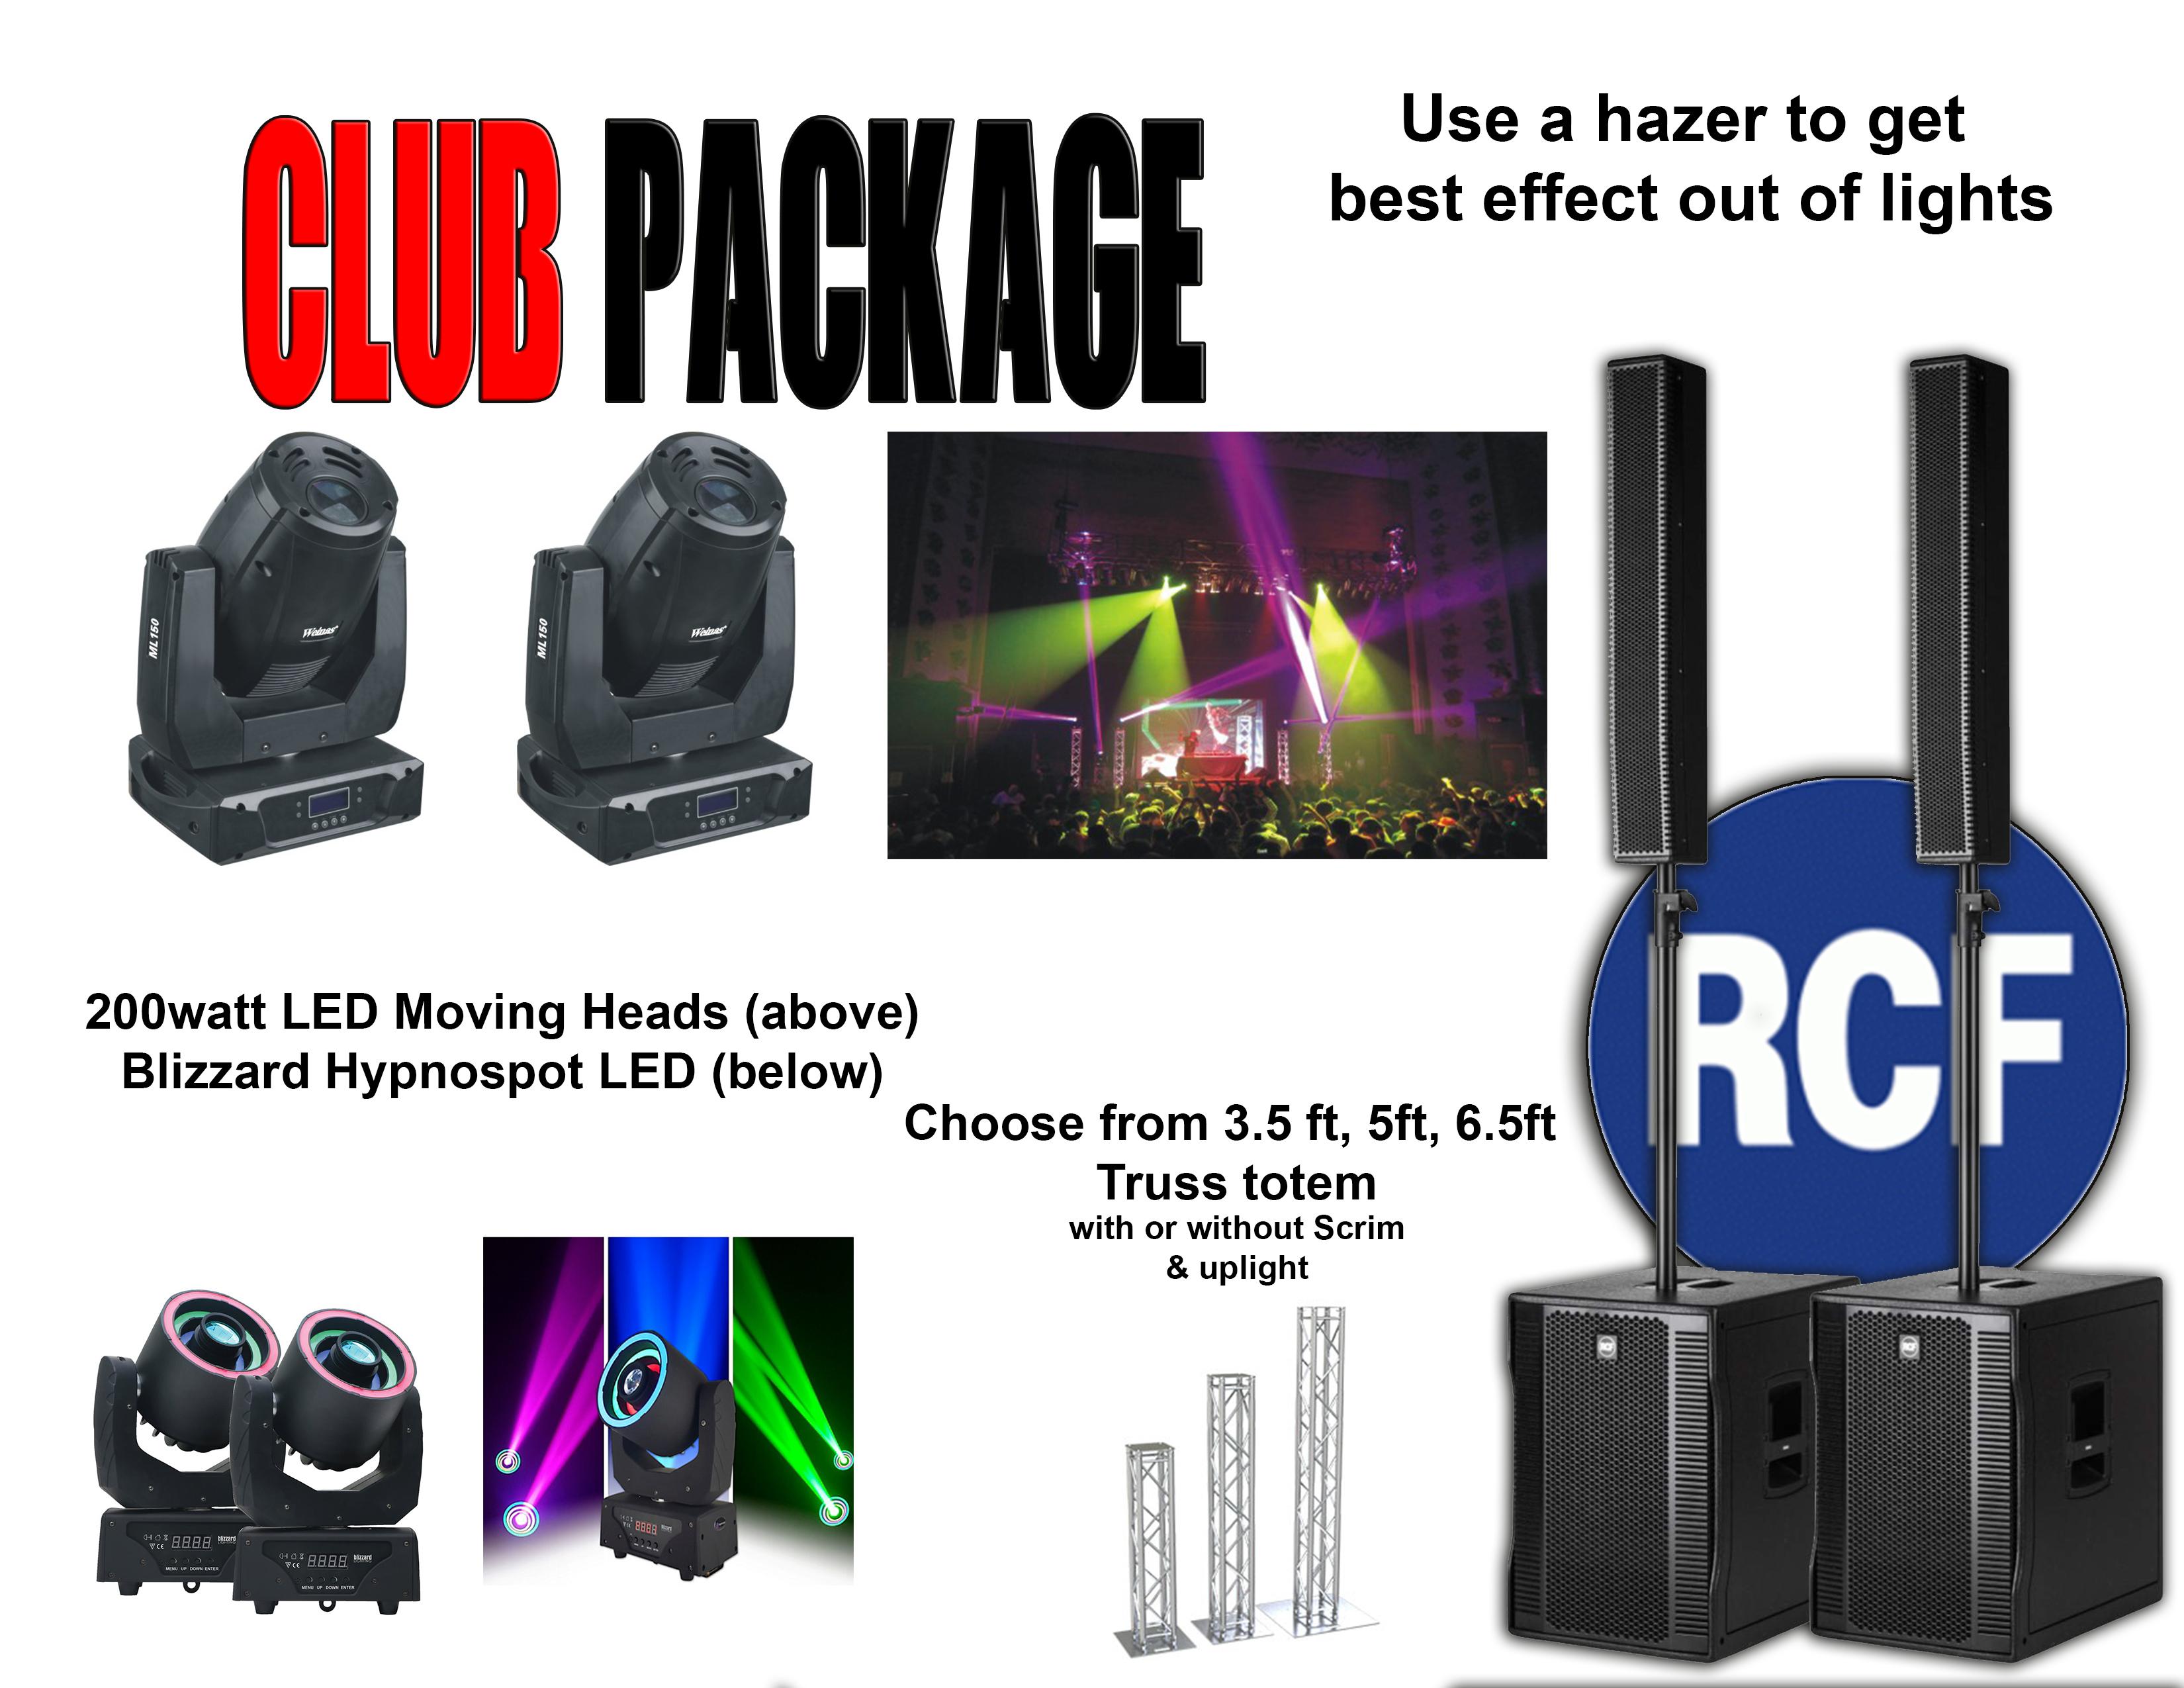 Club Package